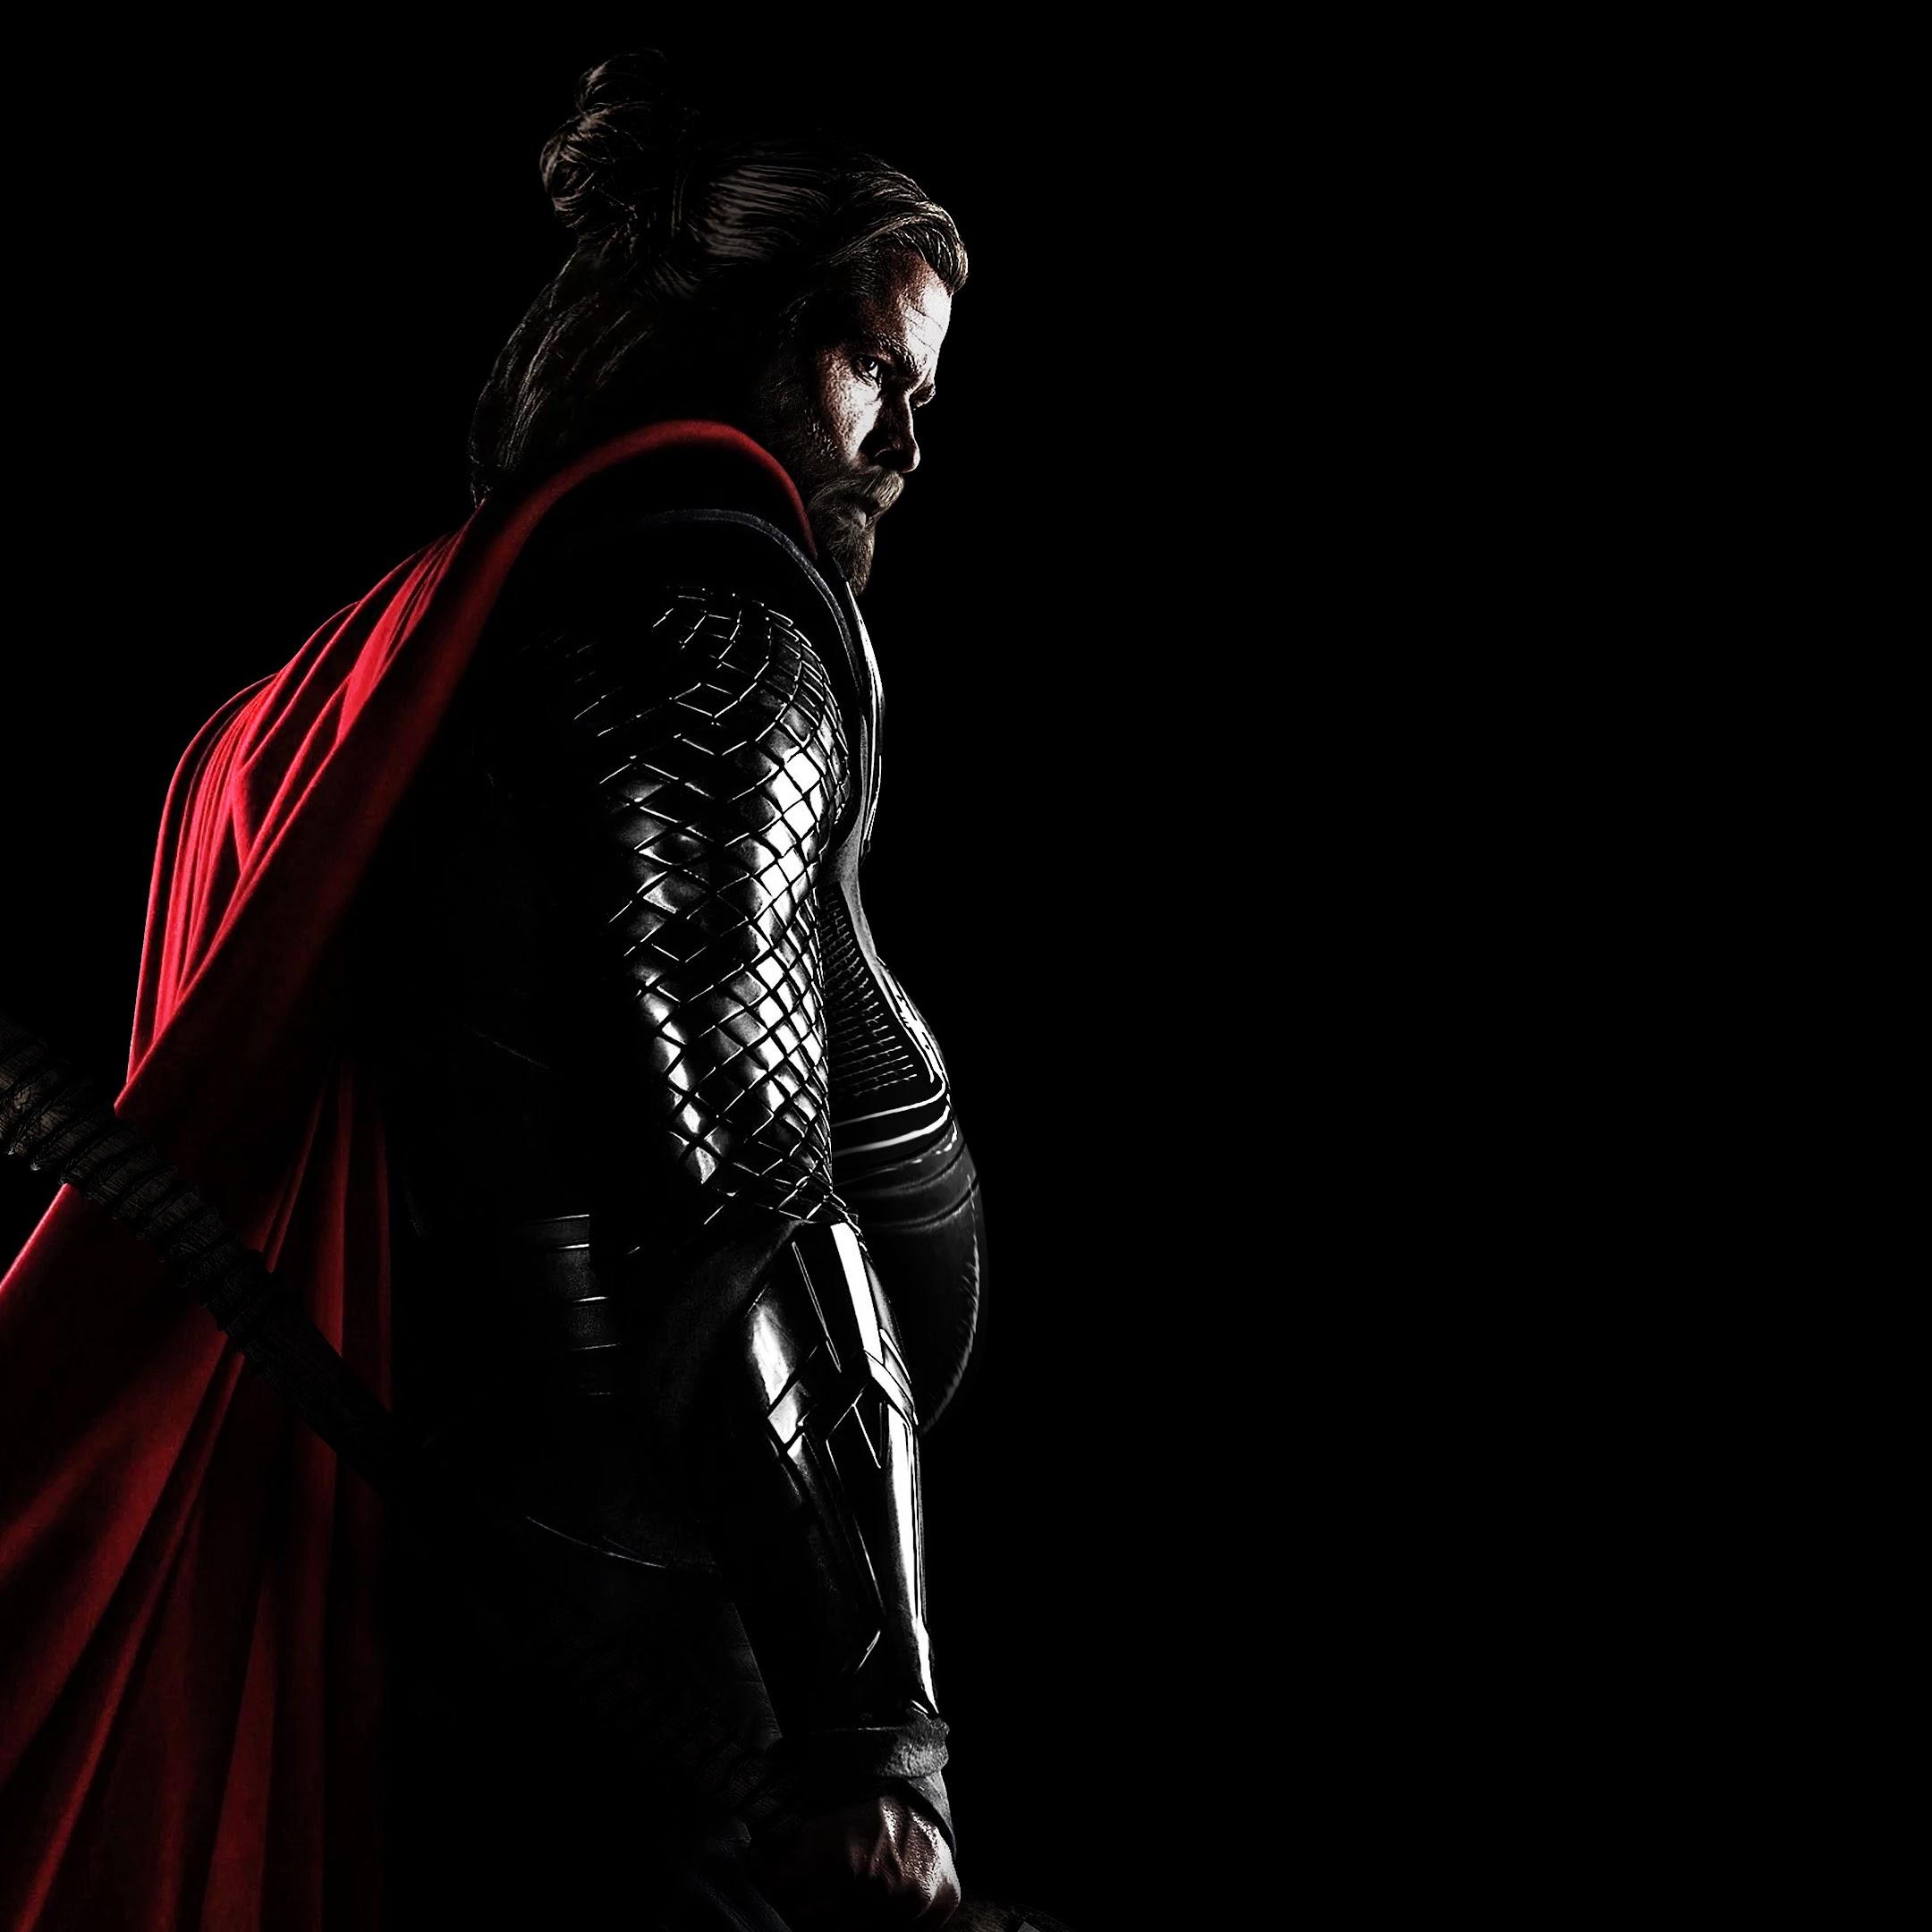 Avengers Endgame Fat Thor 8k 152 Wallpaper